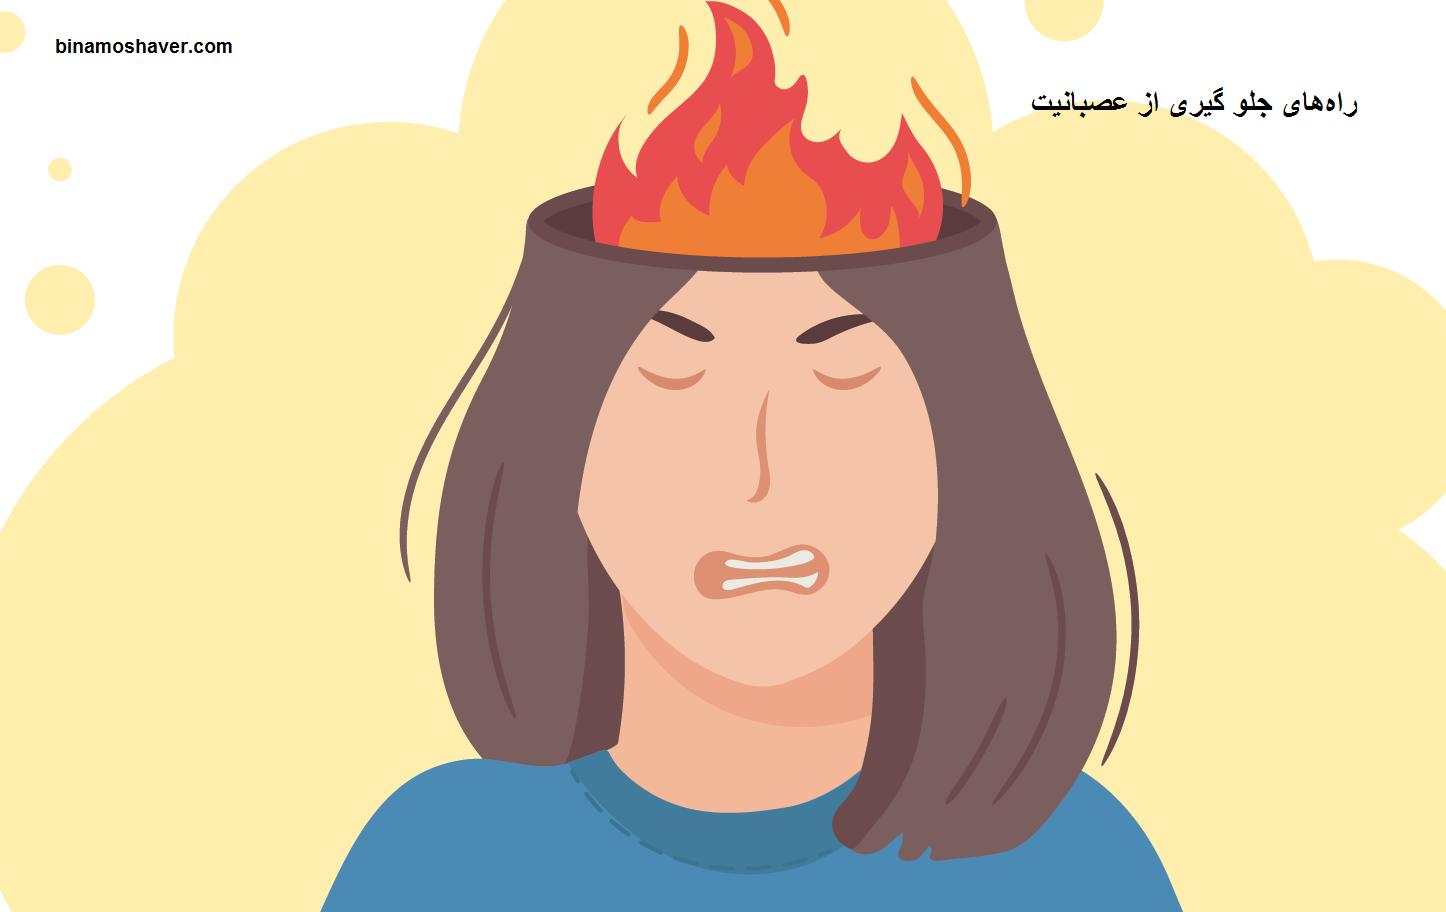 راههای جلو گیری از عصبانیت